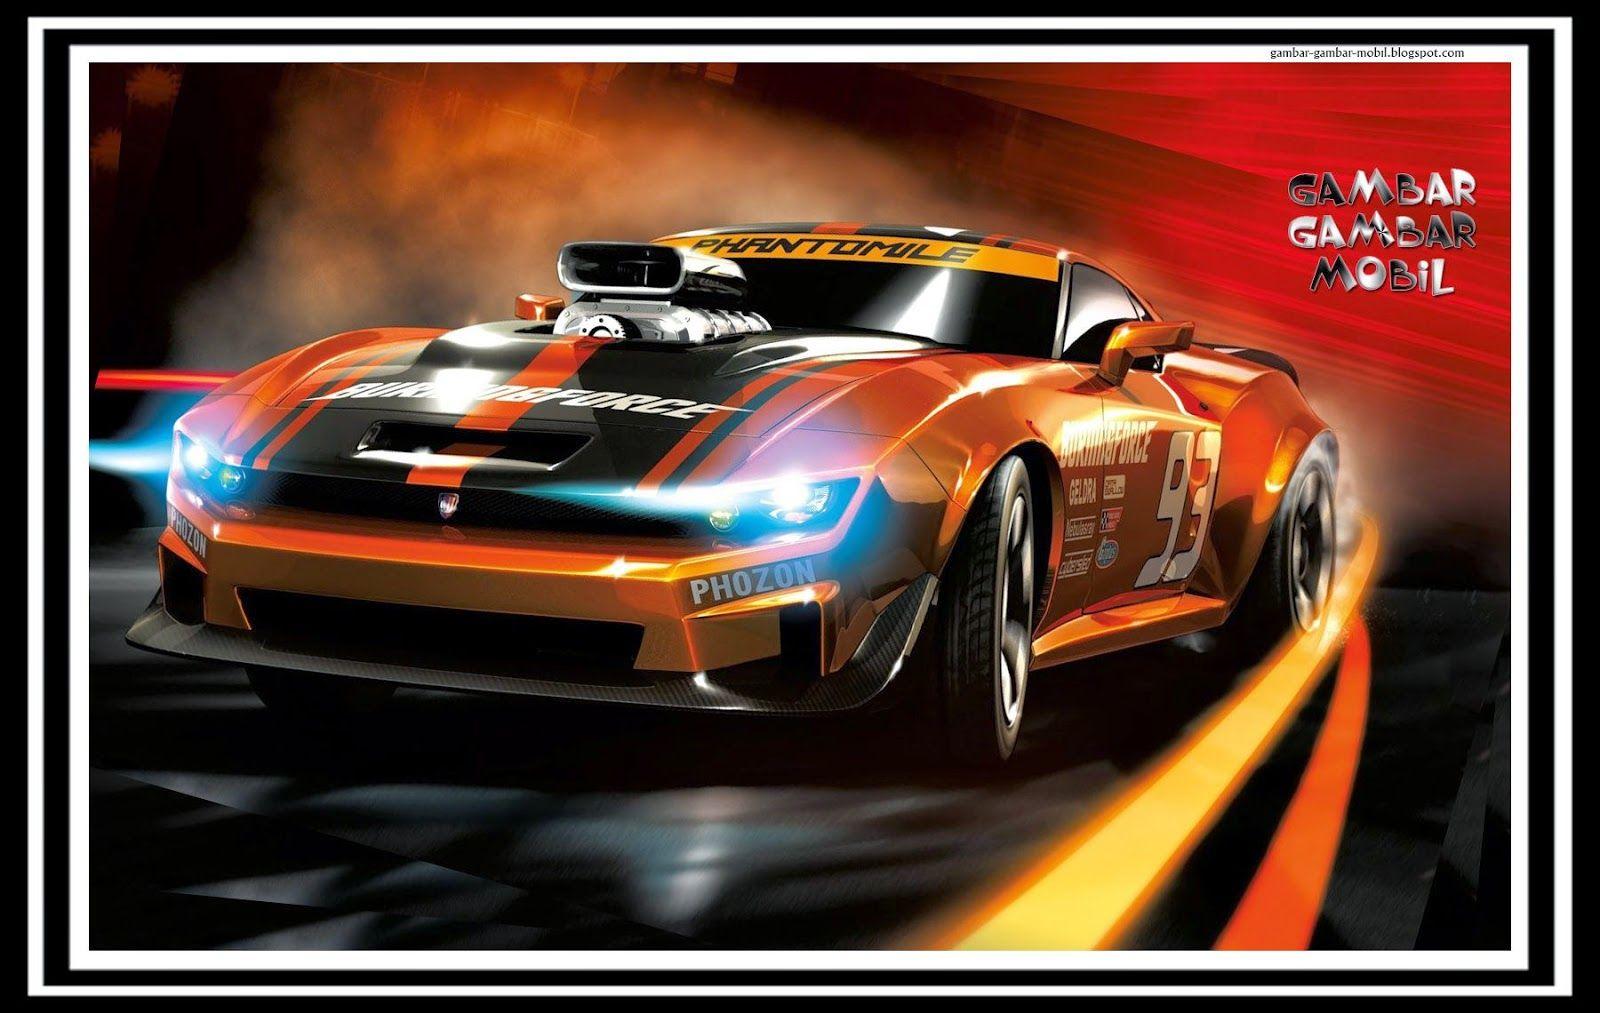 Wallpaper Gambar Mobil Sport: Mobil Keren, Mobil, Mobil Sport